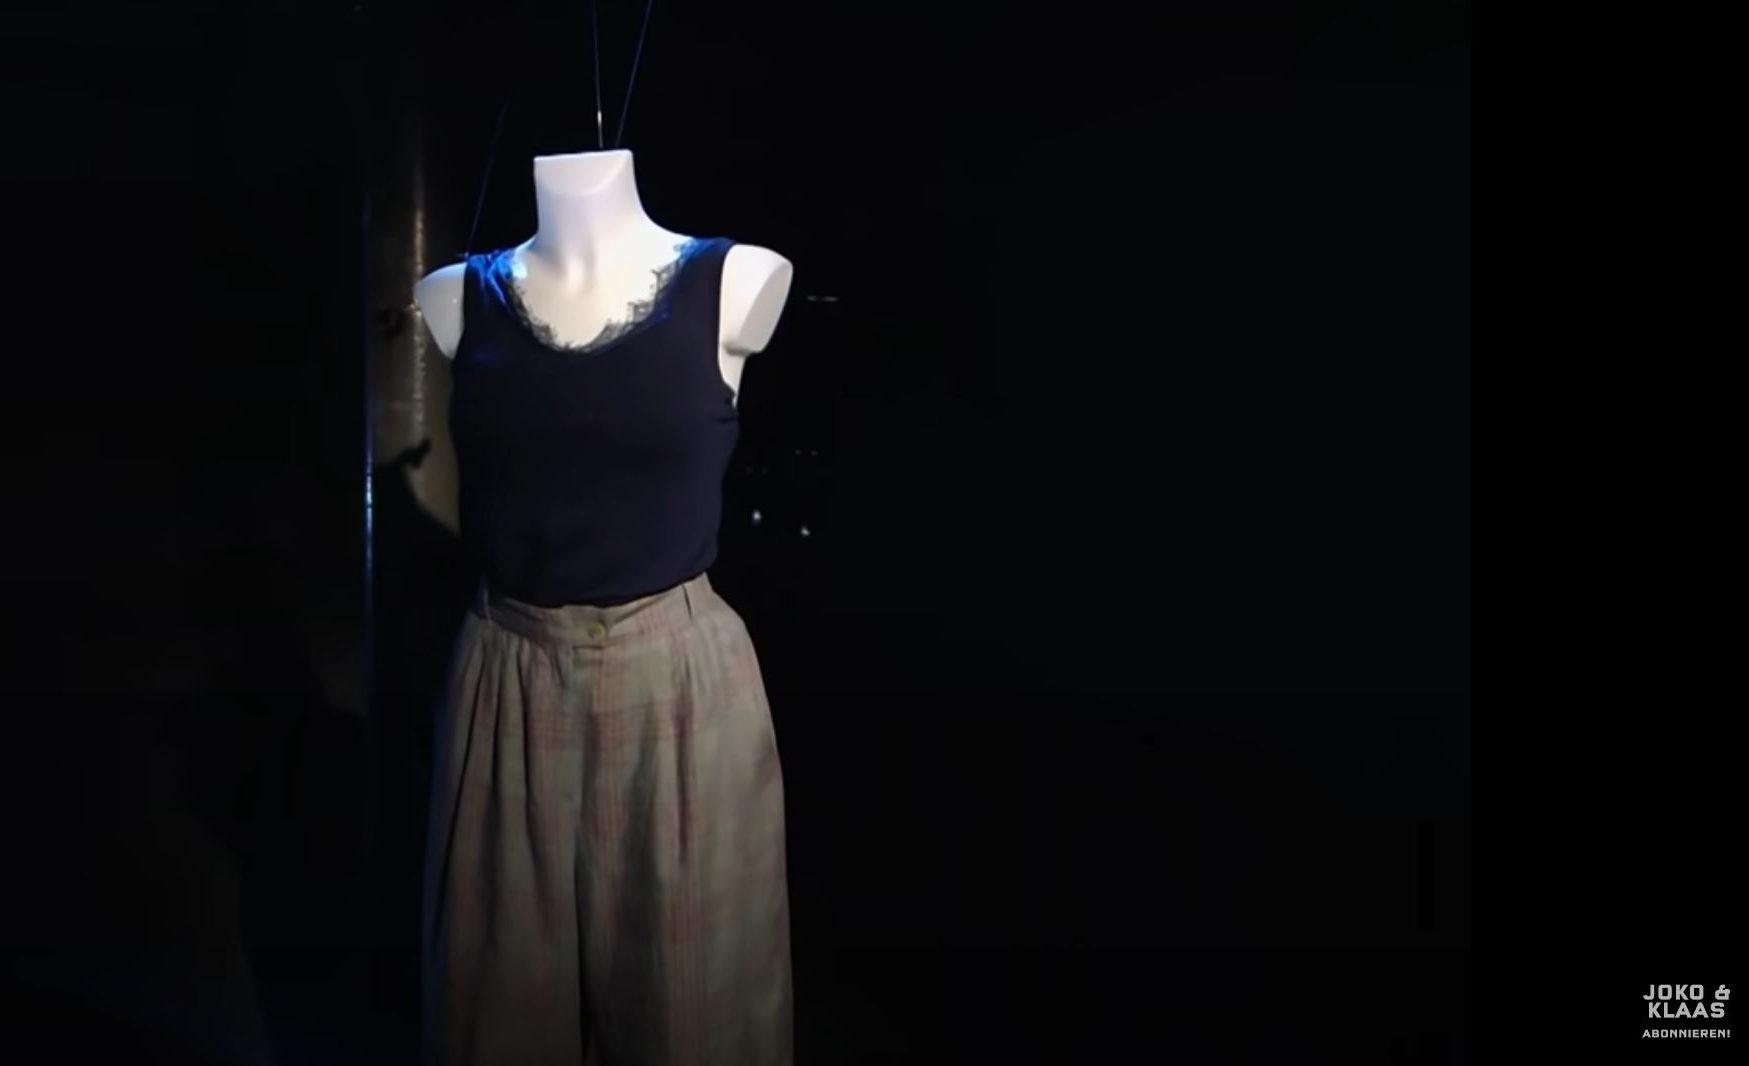 Eine Kleiderpuppe in der Dunkelheit. Sie trägt ein Top und Hosen